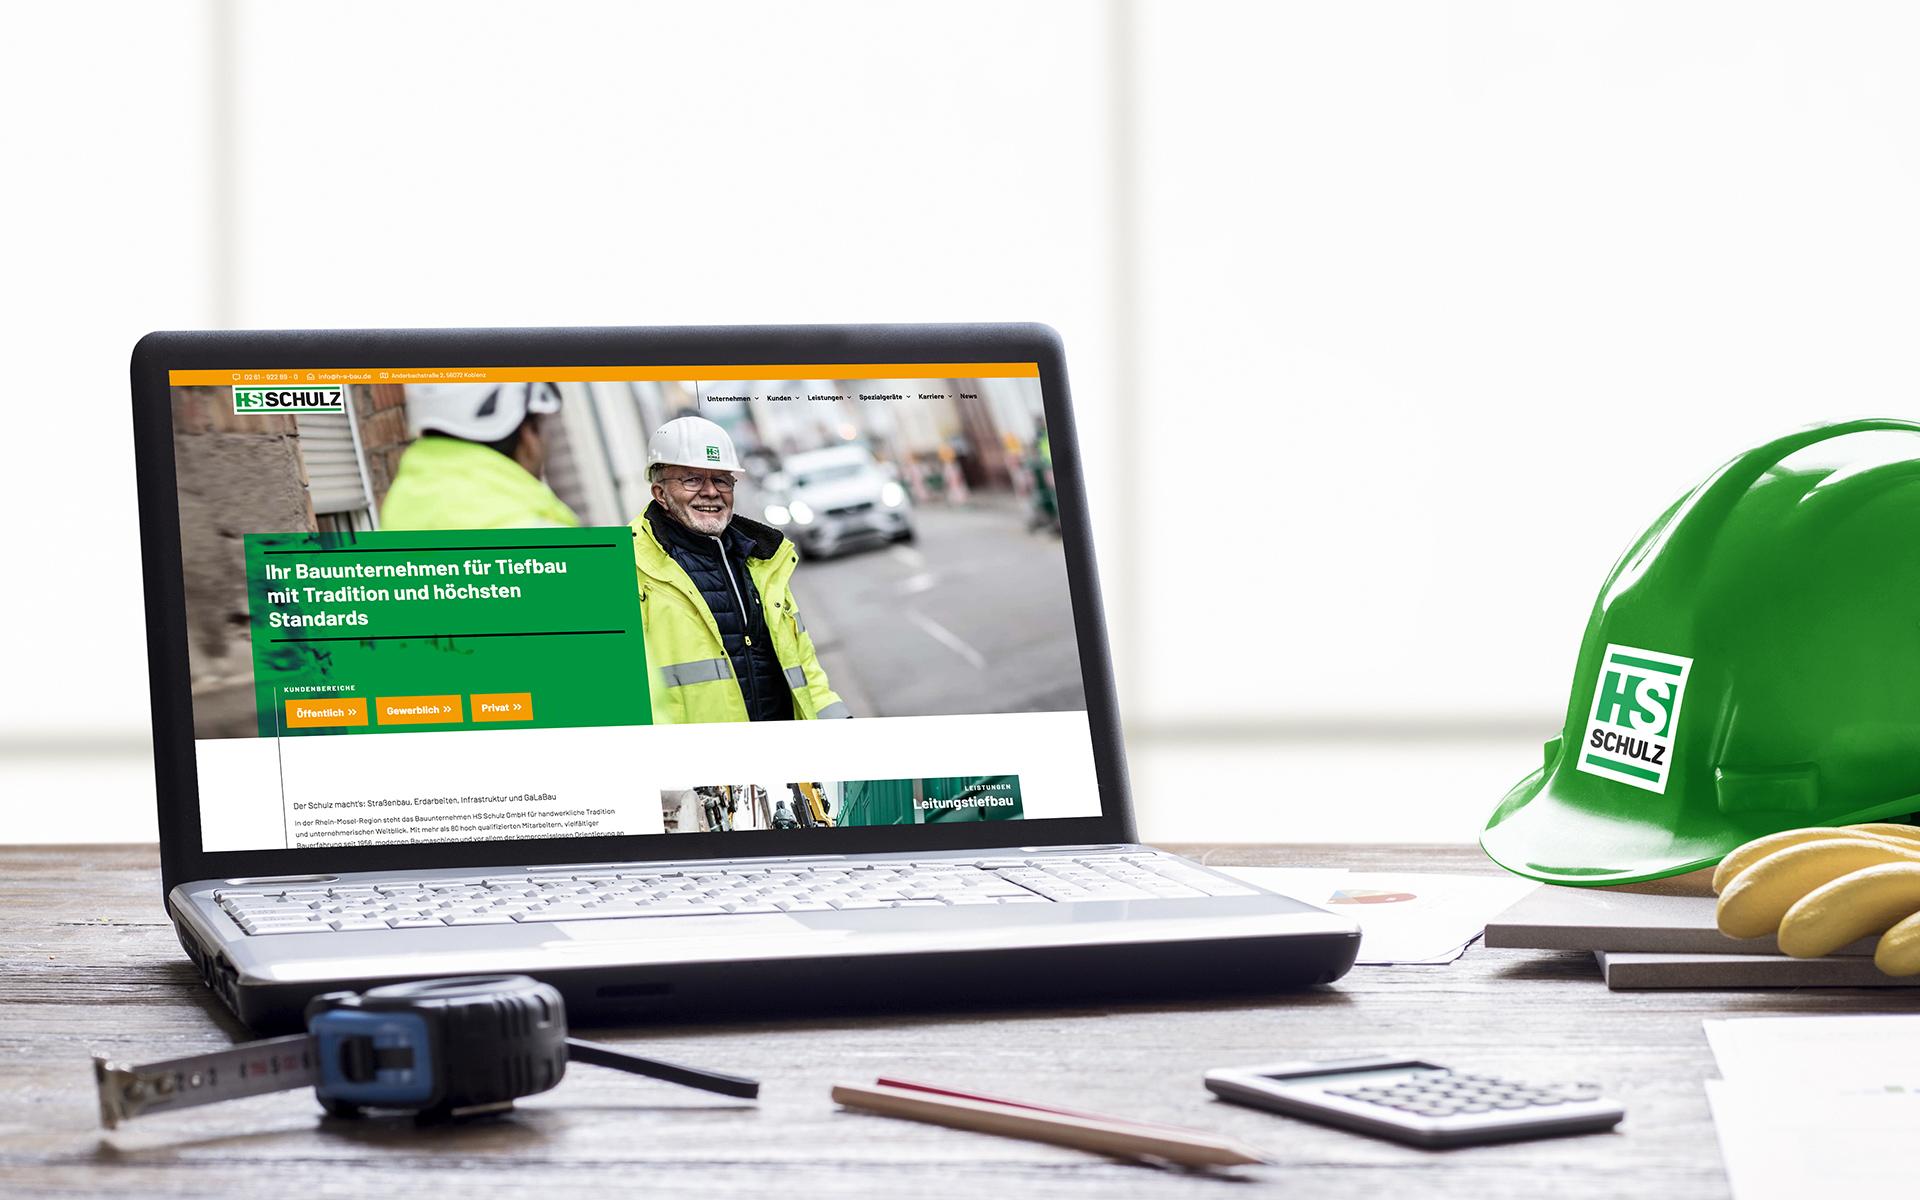 Laptopbildschirm zeigt Webdesign von HS Schulz. Um den Laptop liegen verschiedene Gegenstände aus dem Baubereich wie Maßband, Schutzhelm, Handschuh, Stift und Taschenrechner.